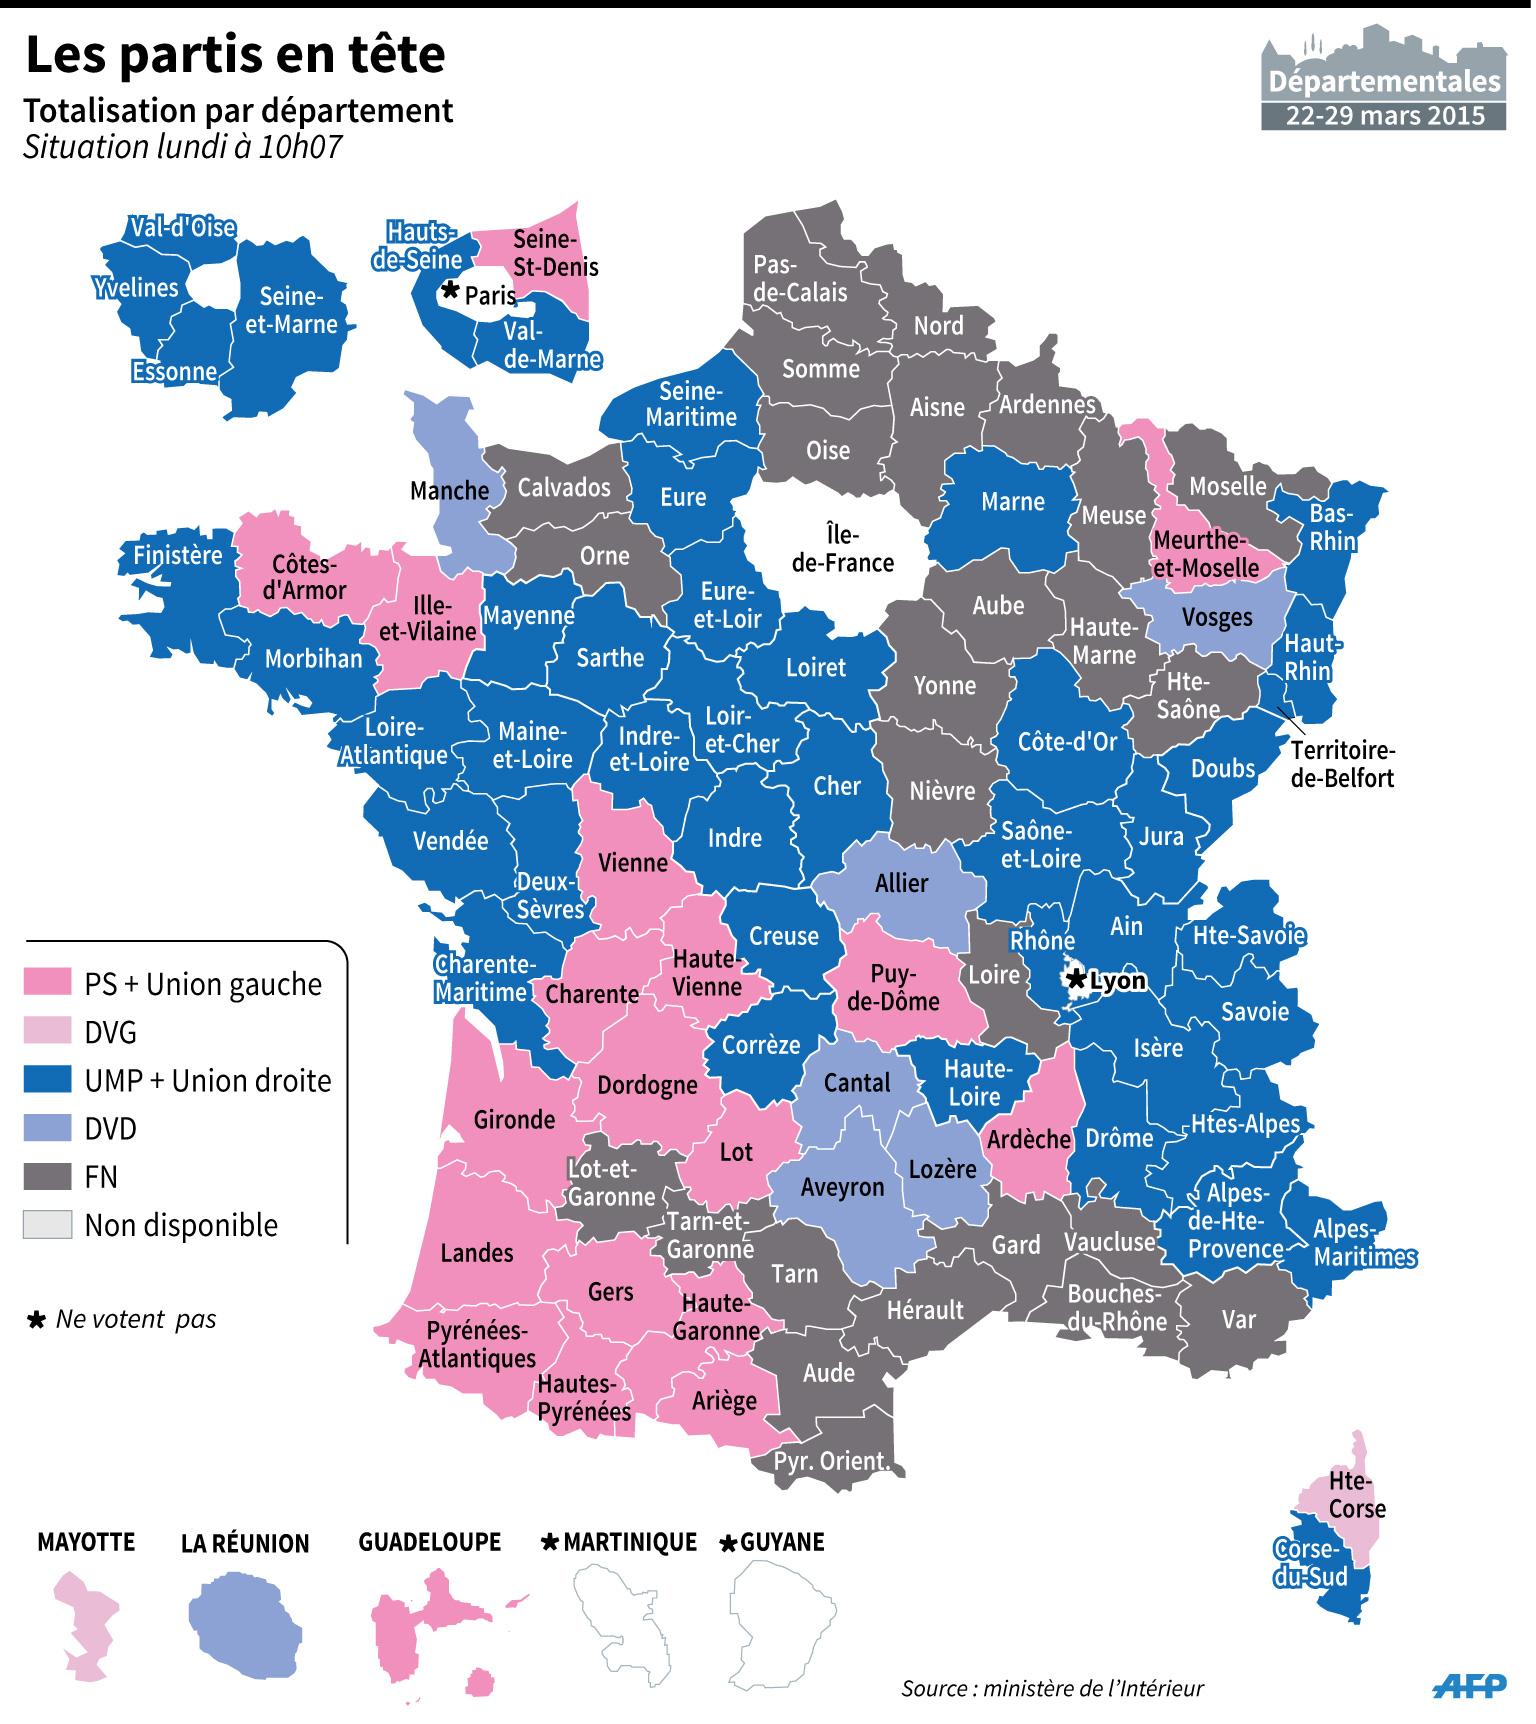 resultat vaucluse 2015